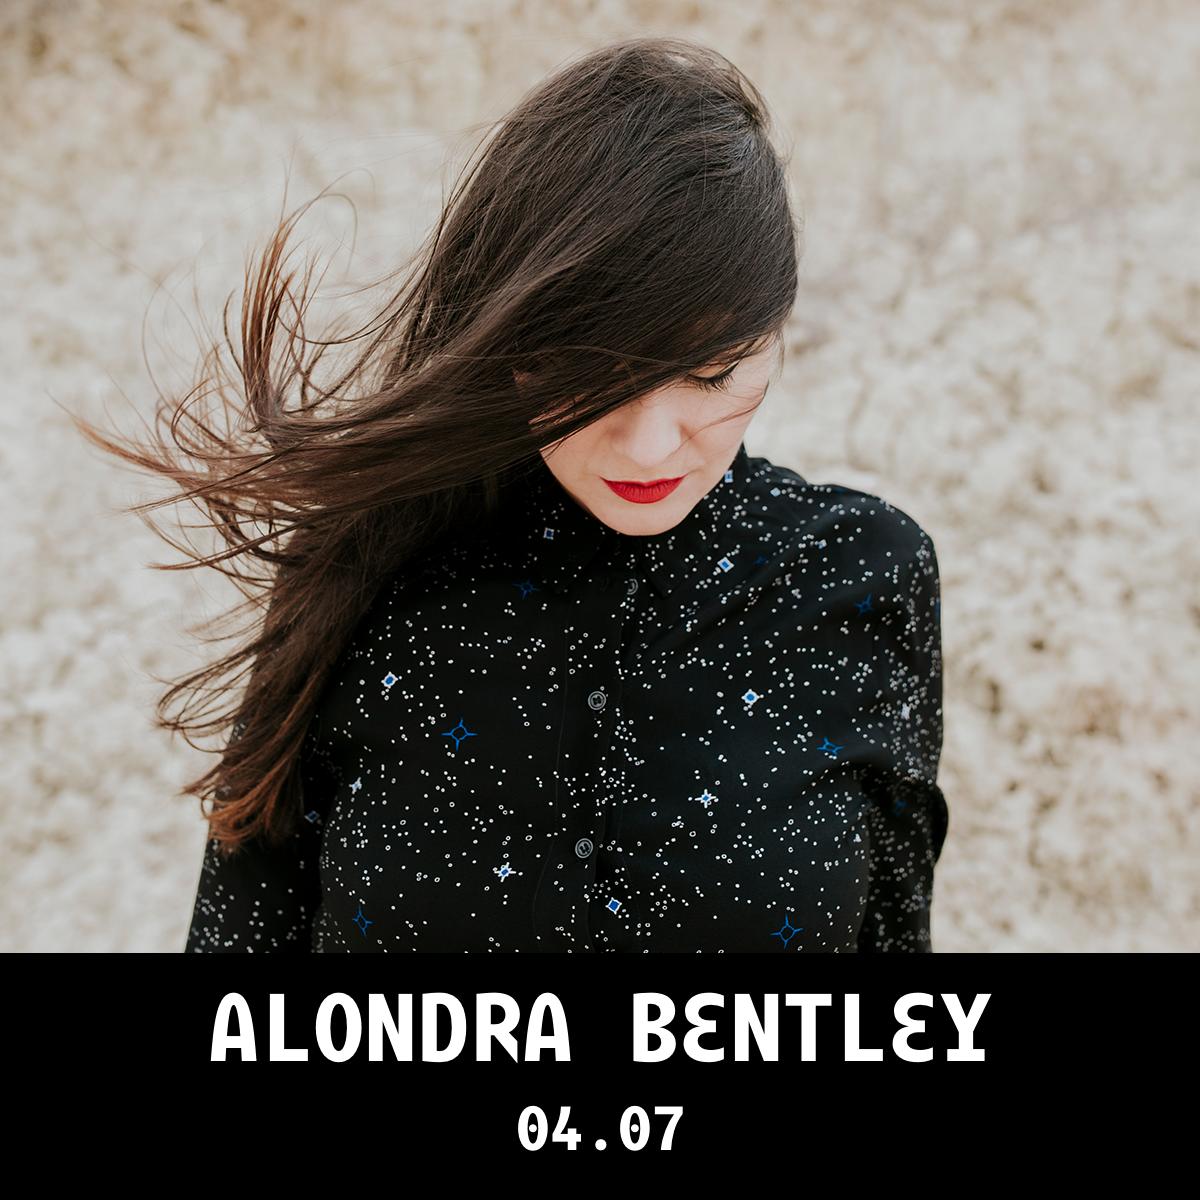 AlondraBentley_1x1_web_caixa.png